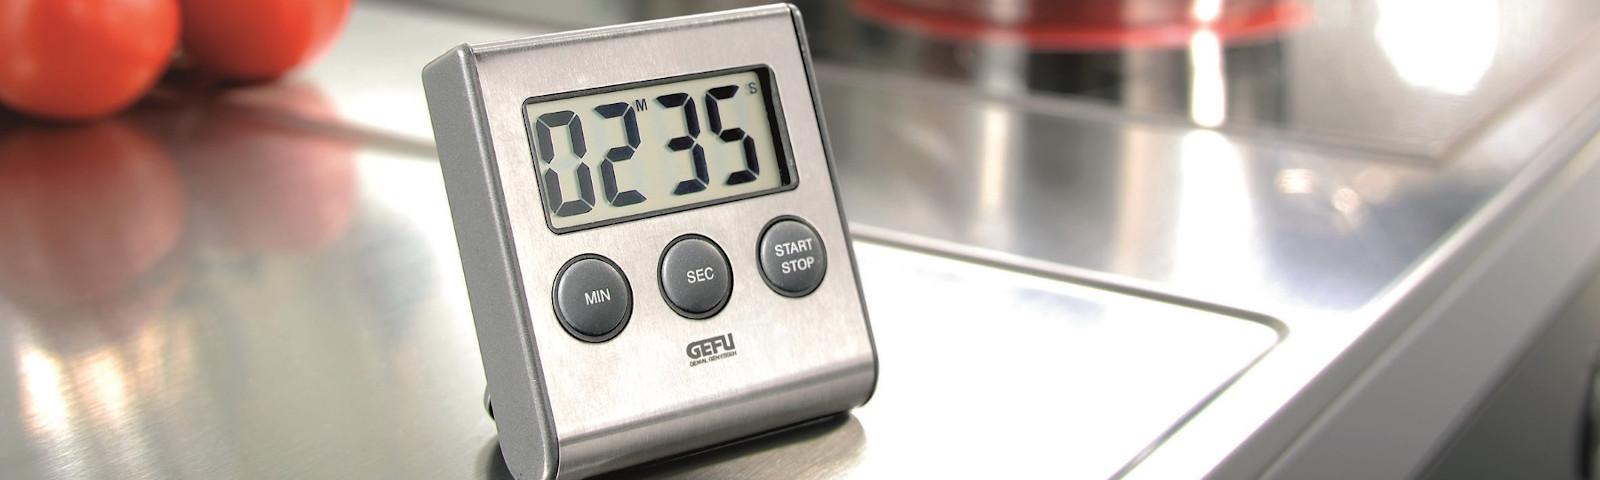 кухонный таймер фото